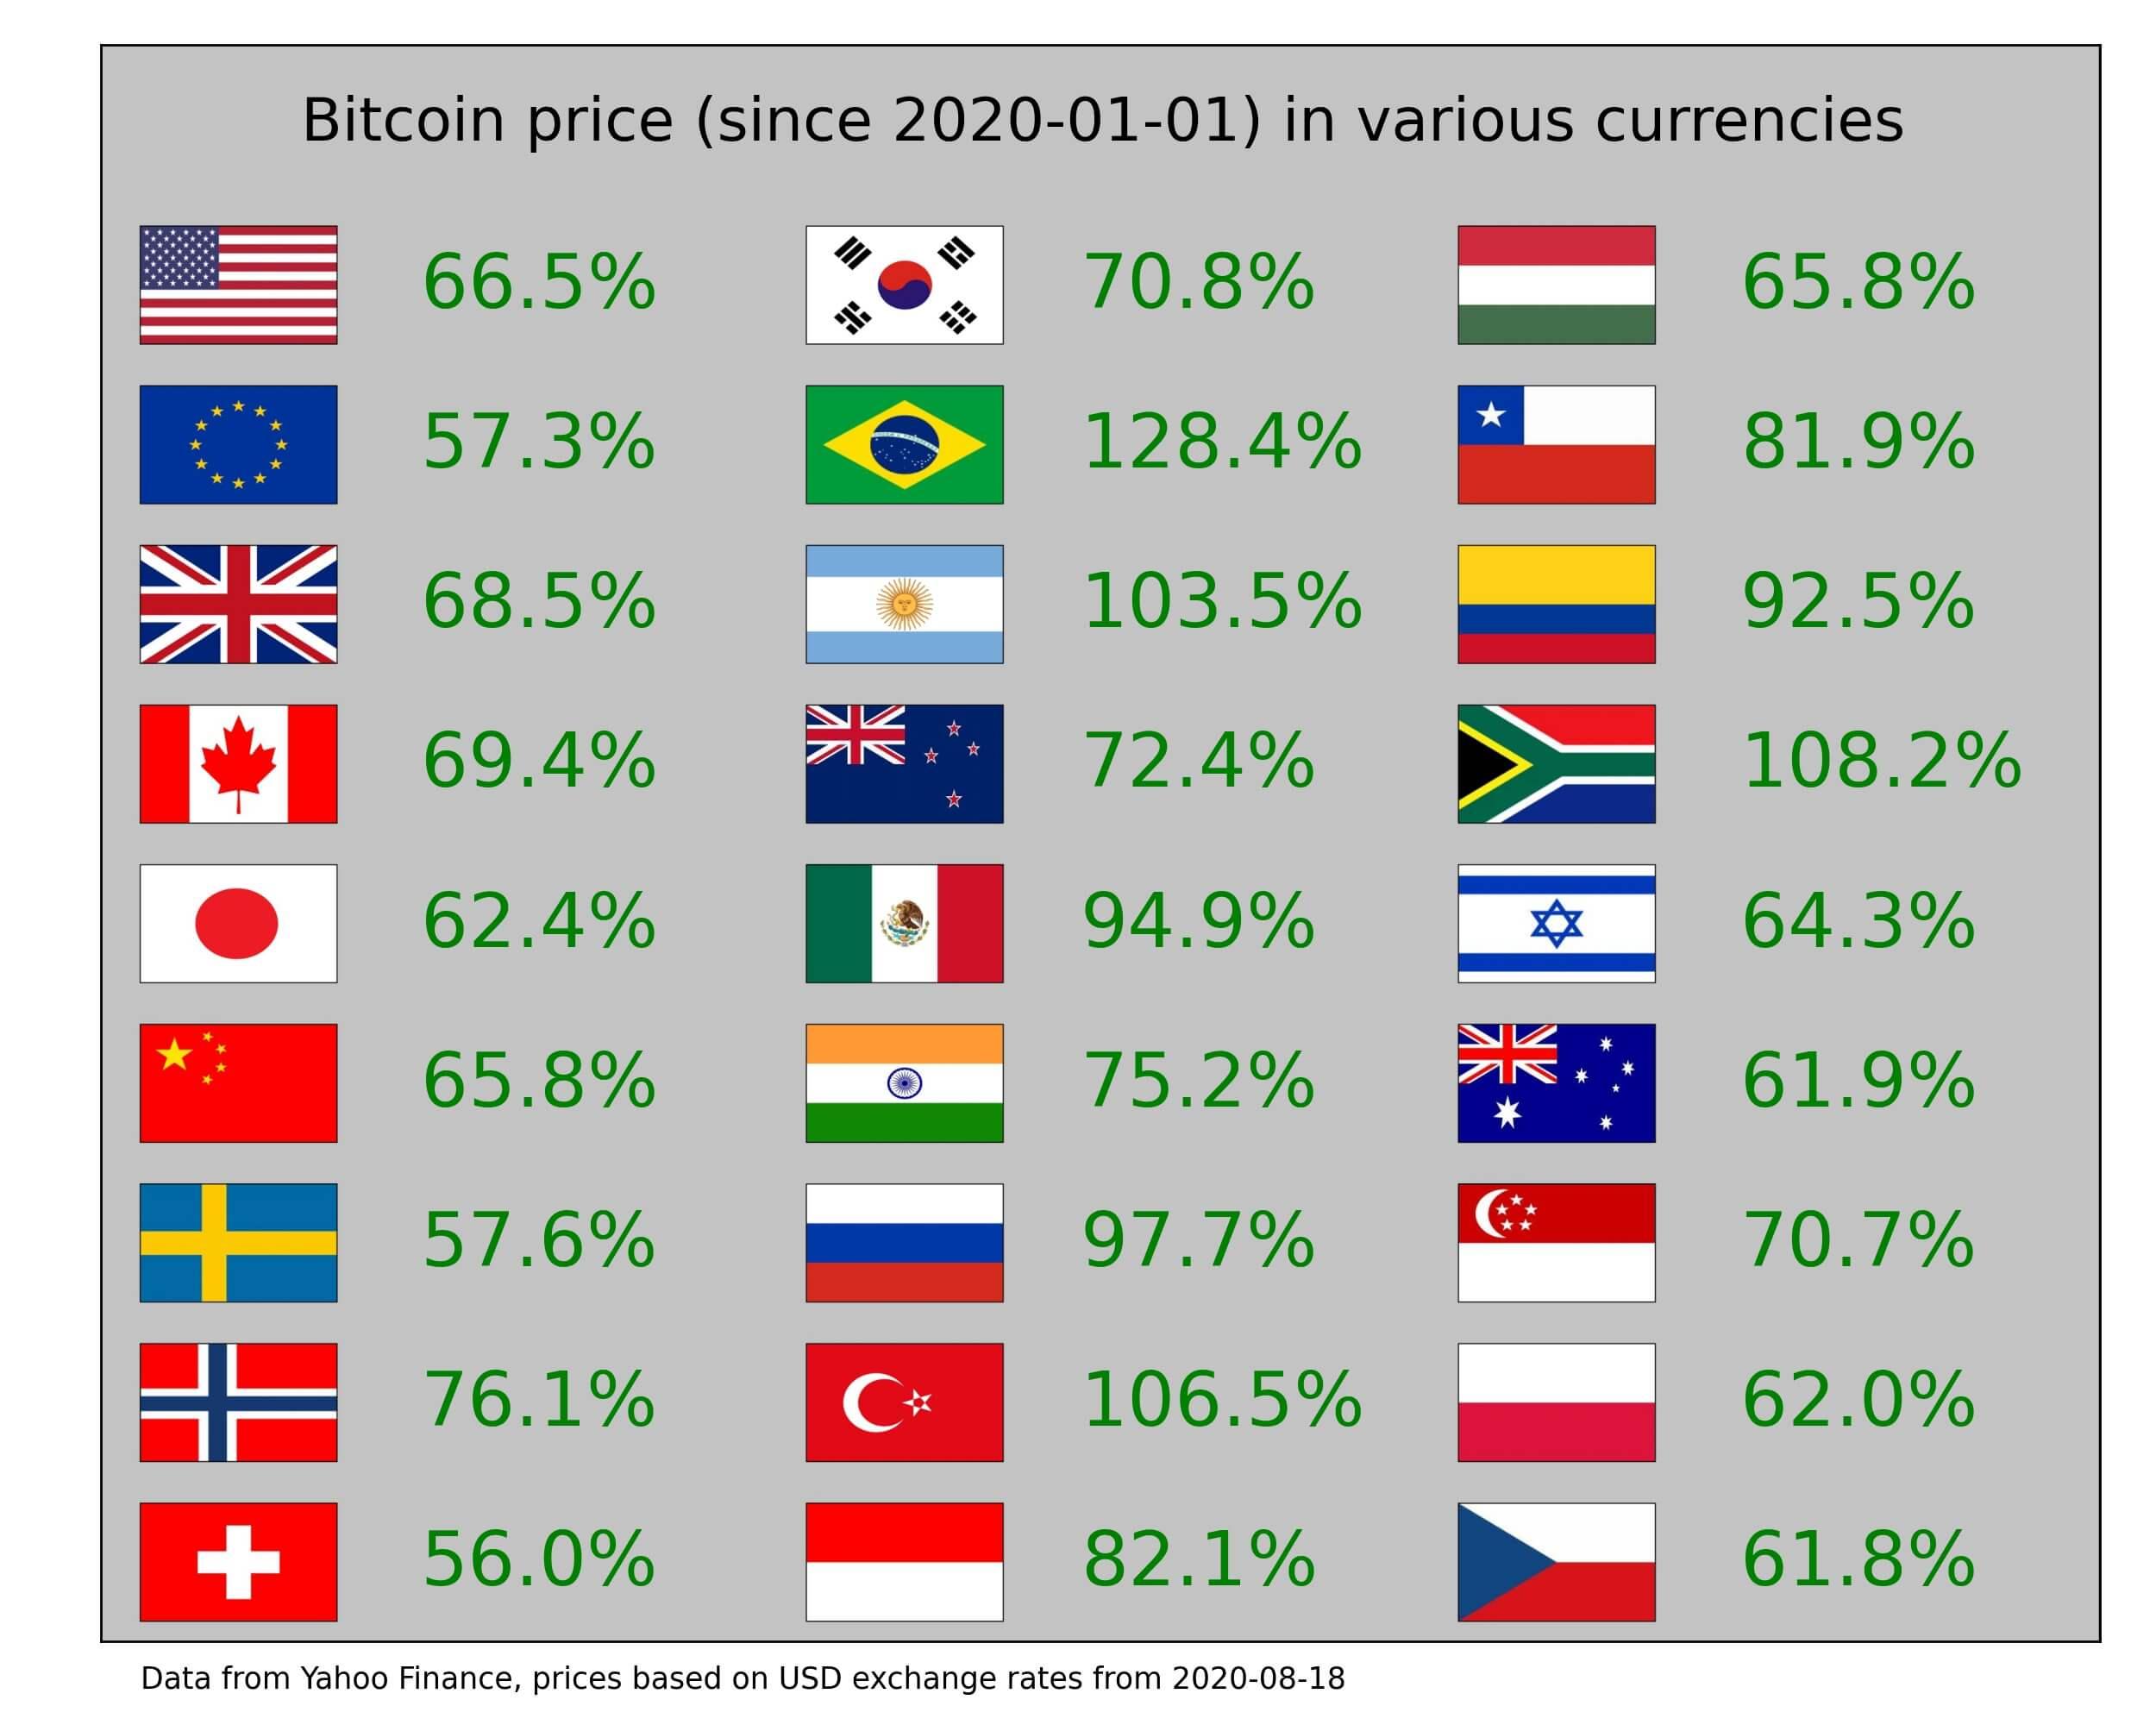 валюта прибыльность Биткоин